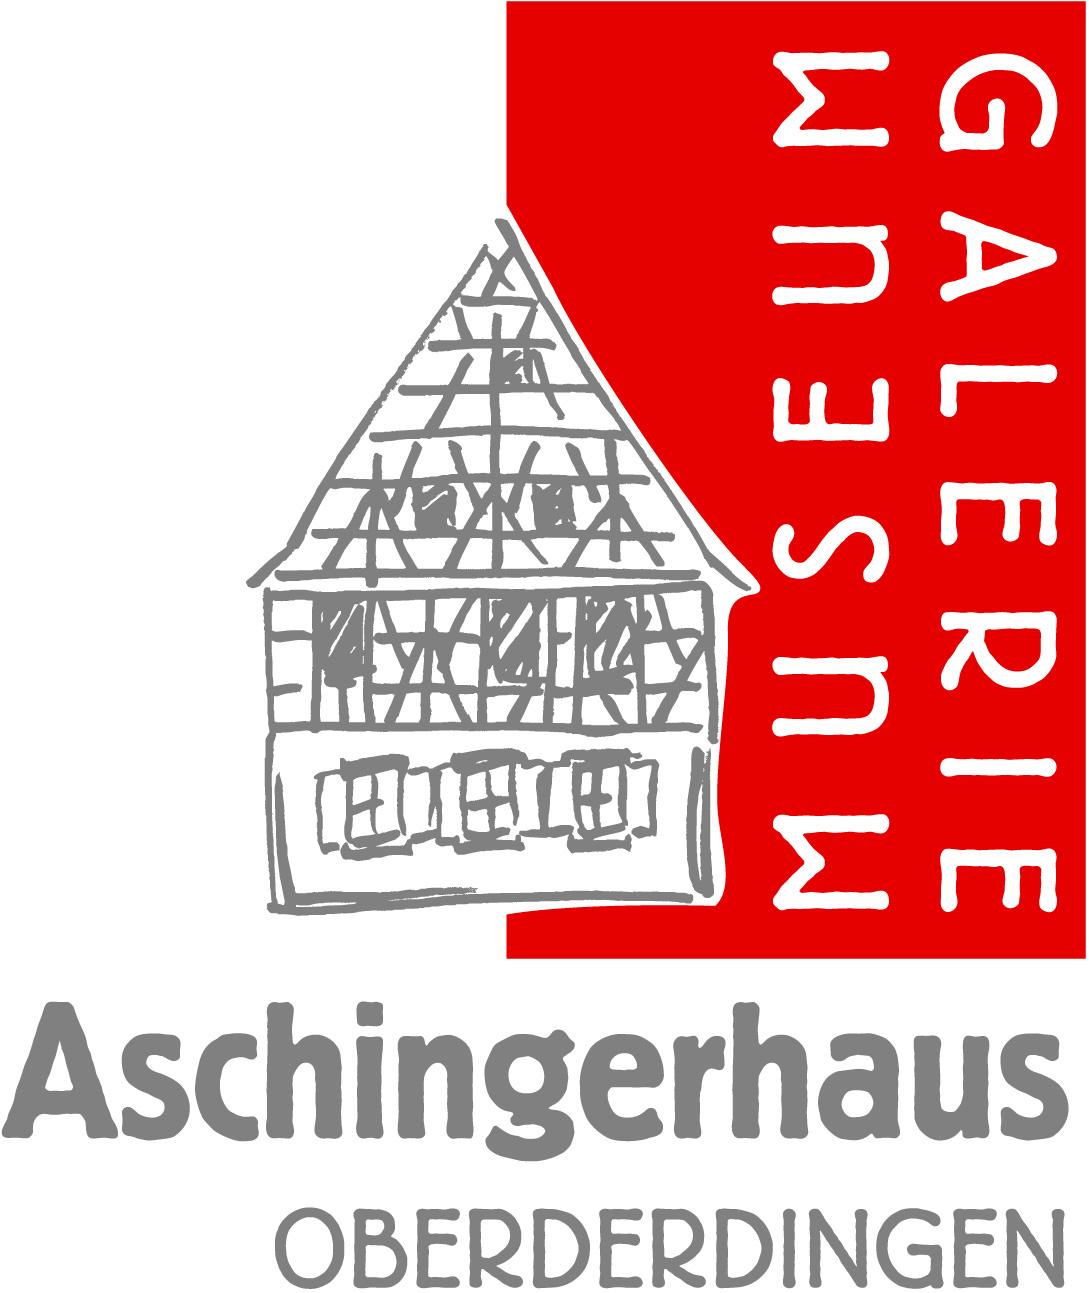 Aschingerhaus